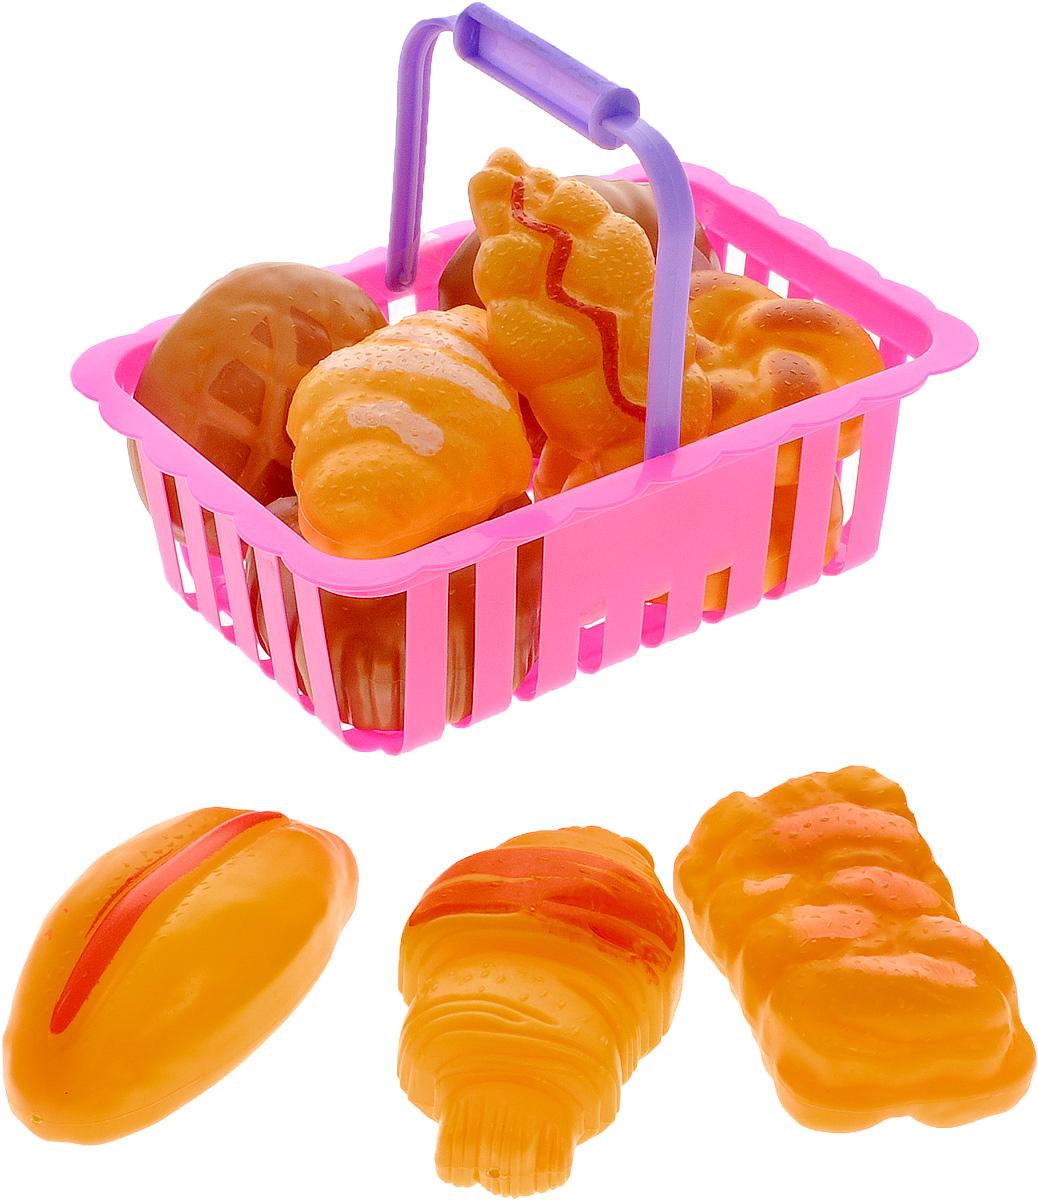 ABtoys Набор продуктов в корзине 12 предметовPT-00369Игровой набор продуктов в корзине ABtoys из серии Помогаю маме состоит из 11 хлебобулочных изделия и корзинки. Собираясь на пикник со своими любимыми куклами, юная хозяюшка возьмёт с собой множество вкусных булочек с сахарной пудрой, джемом и румяной корочкой. Такой набор обязательно понравится любому ребенку и сделает игру более интересной.